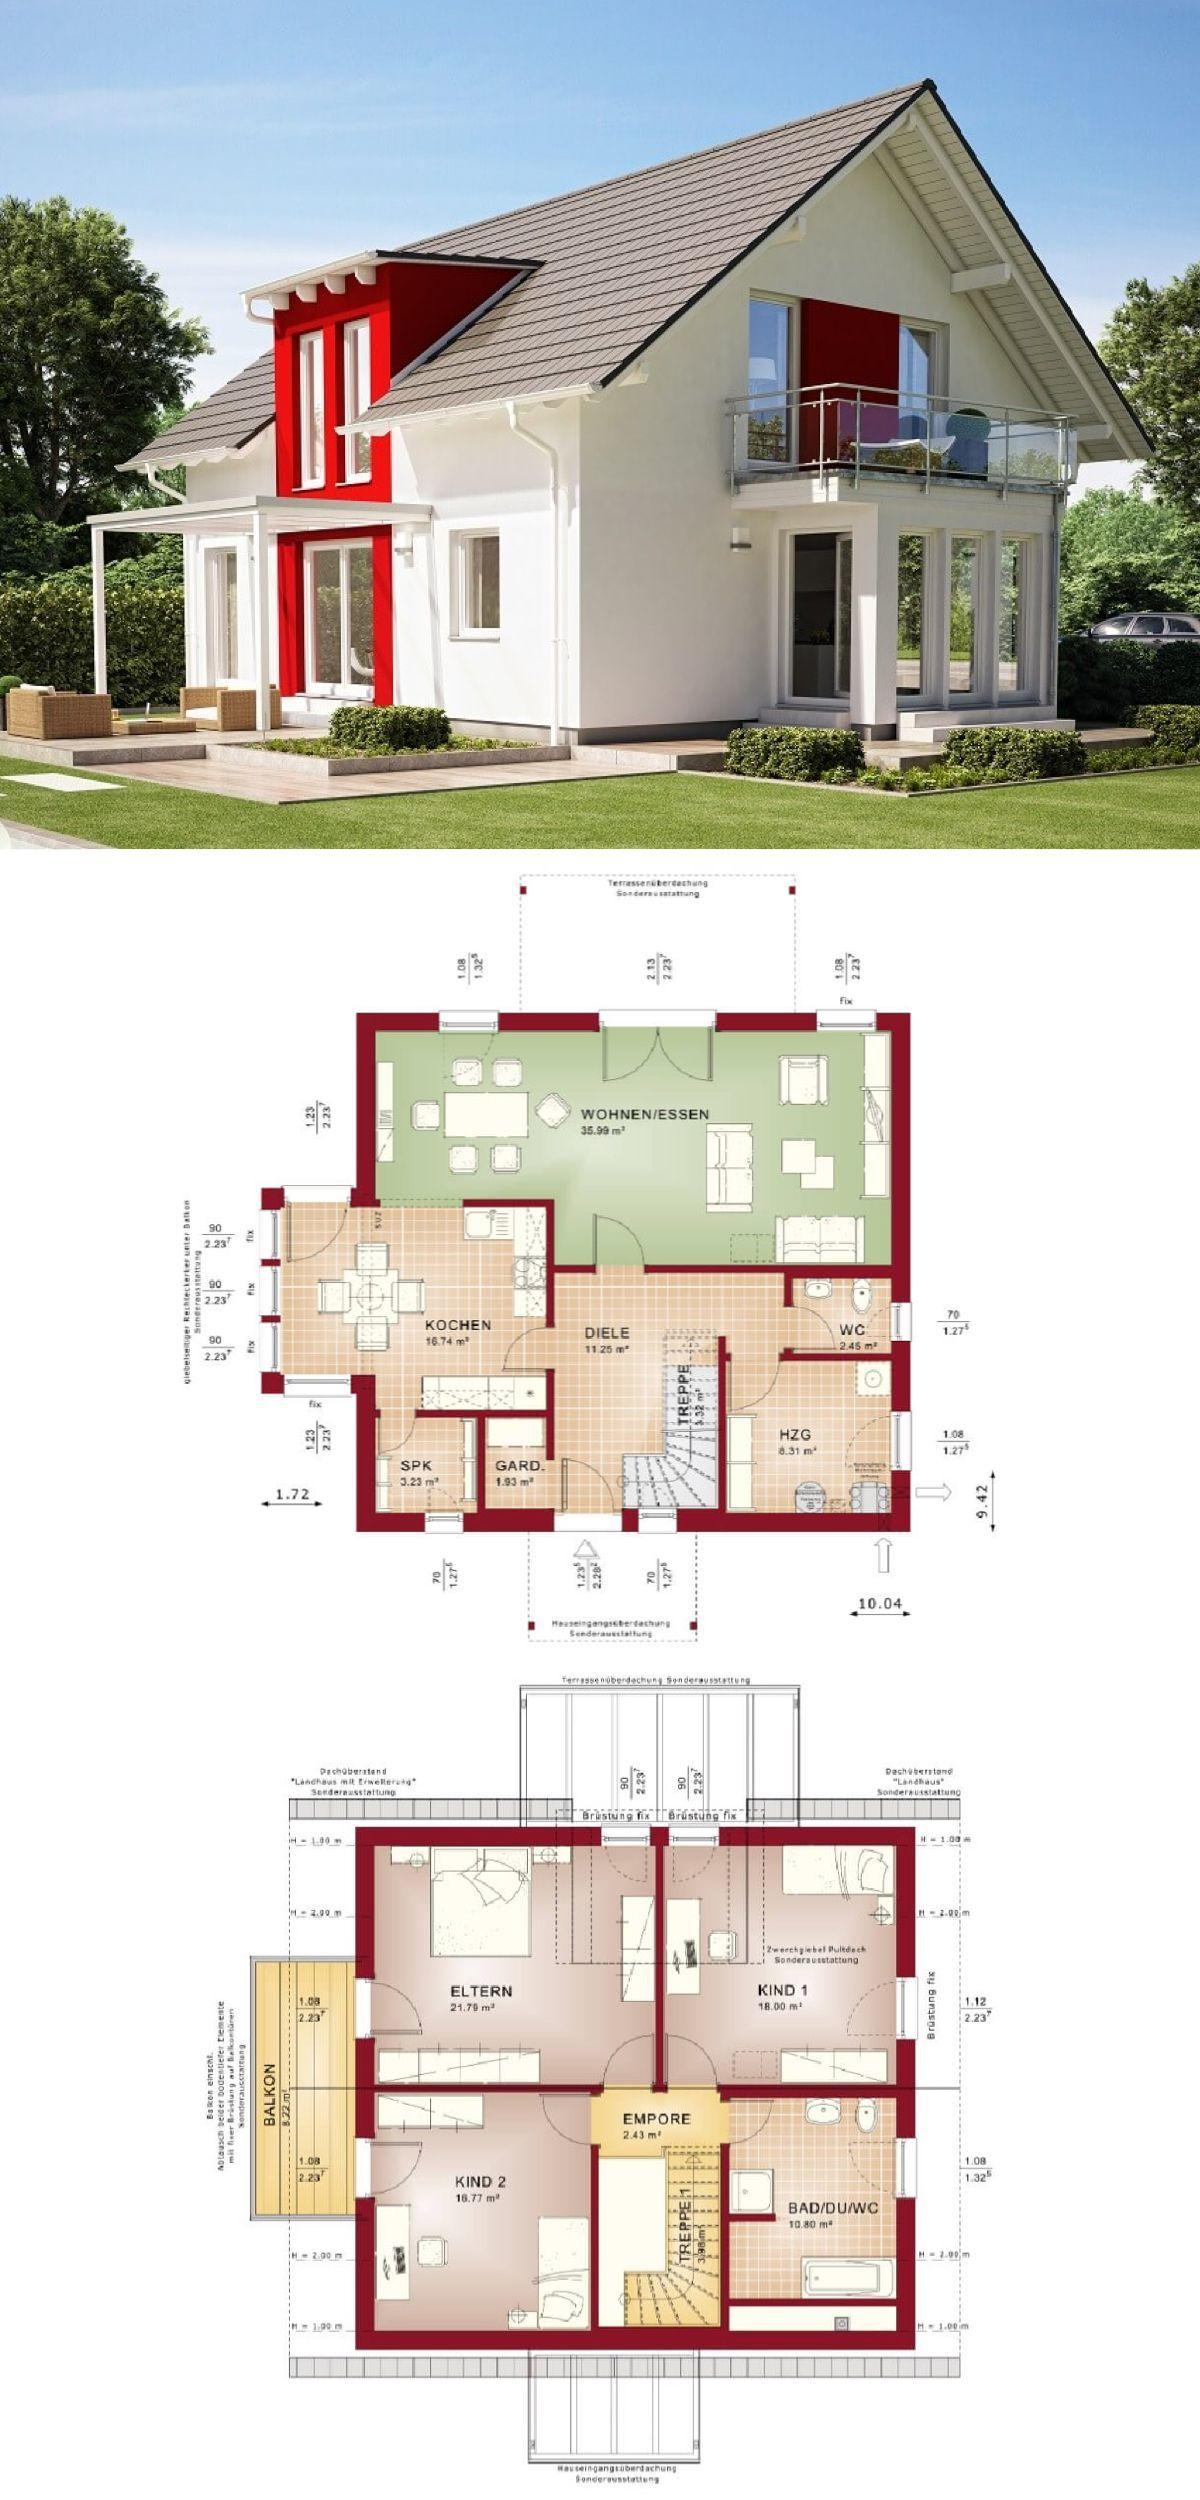 Einfamilienhaus klassisch mit satteldach architektur erker for Architektur klassisch